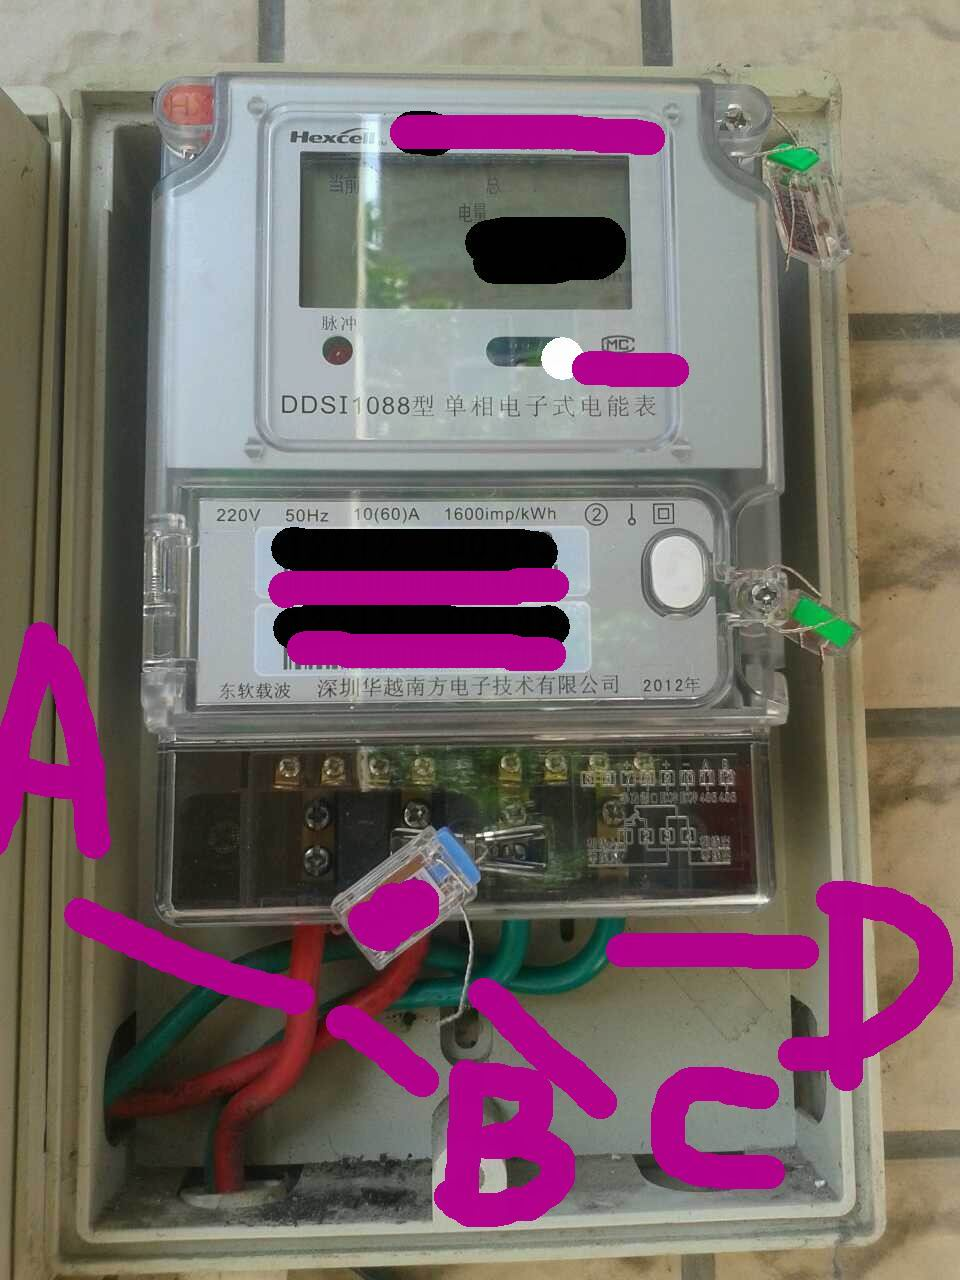 最好的偷电方法图片_电子电表偷电方法图片